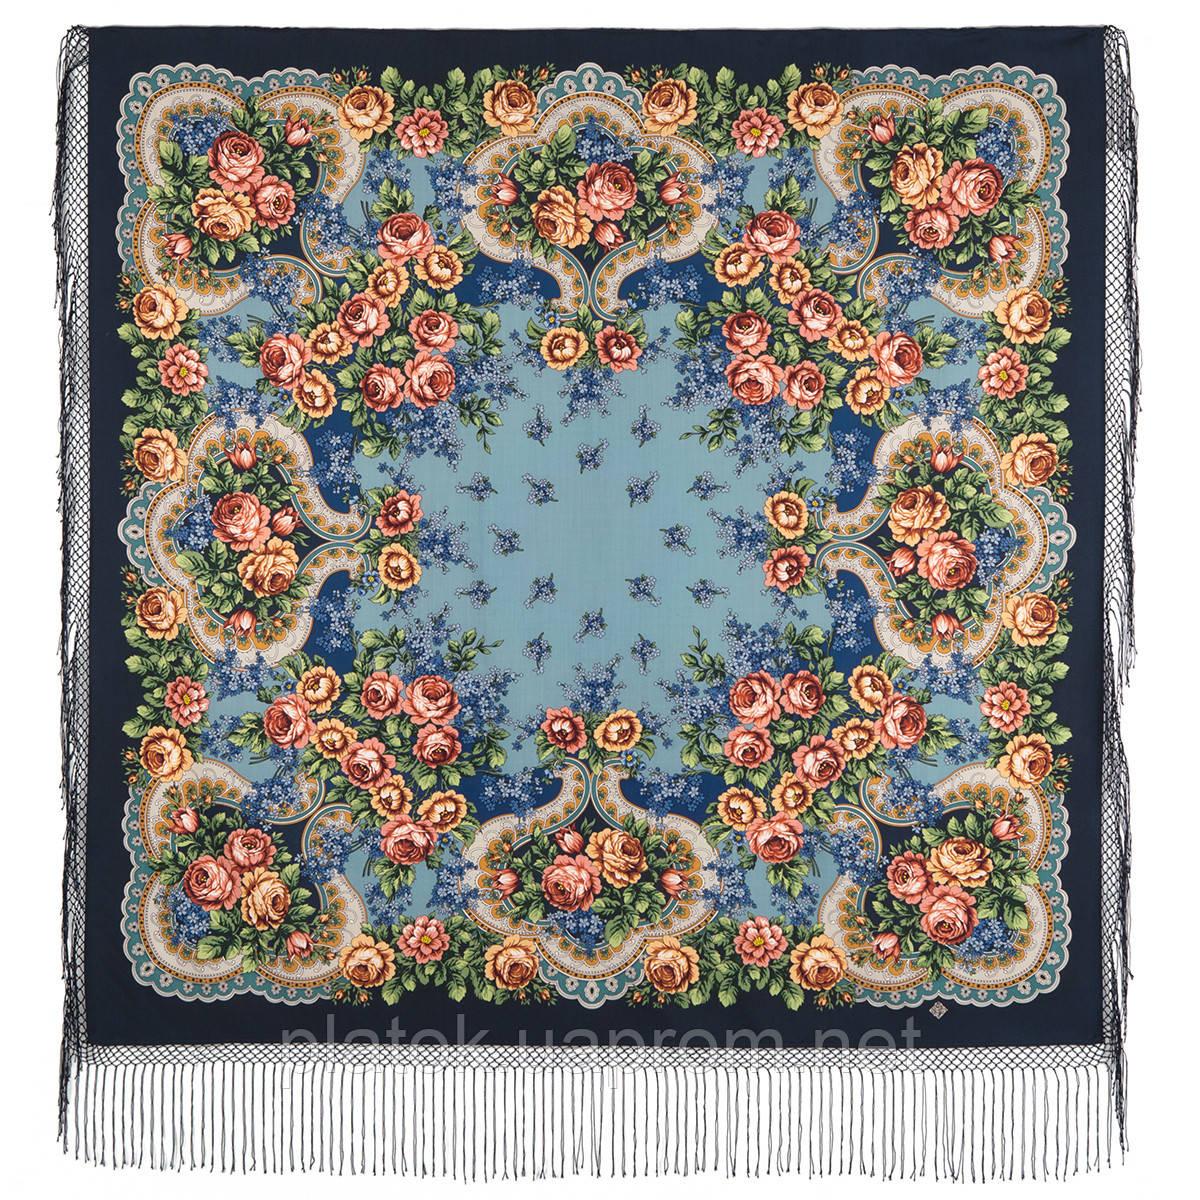 Сиреневый туман 983-14, павлопосадский платок (шаль) из уплотненной шерсти с шелковой вязанной бахромой